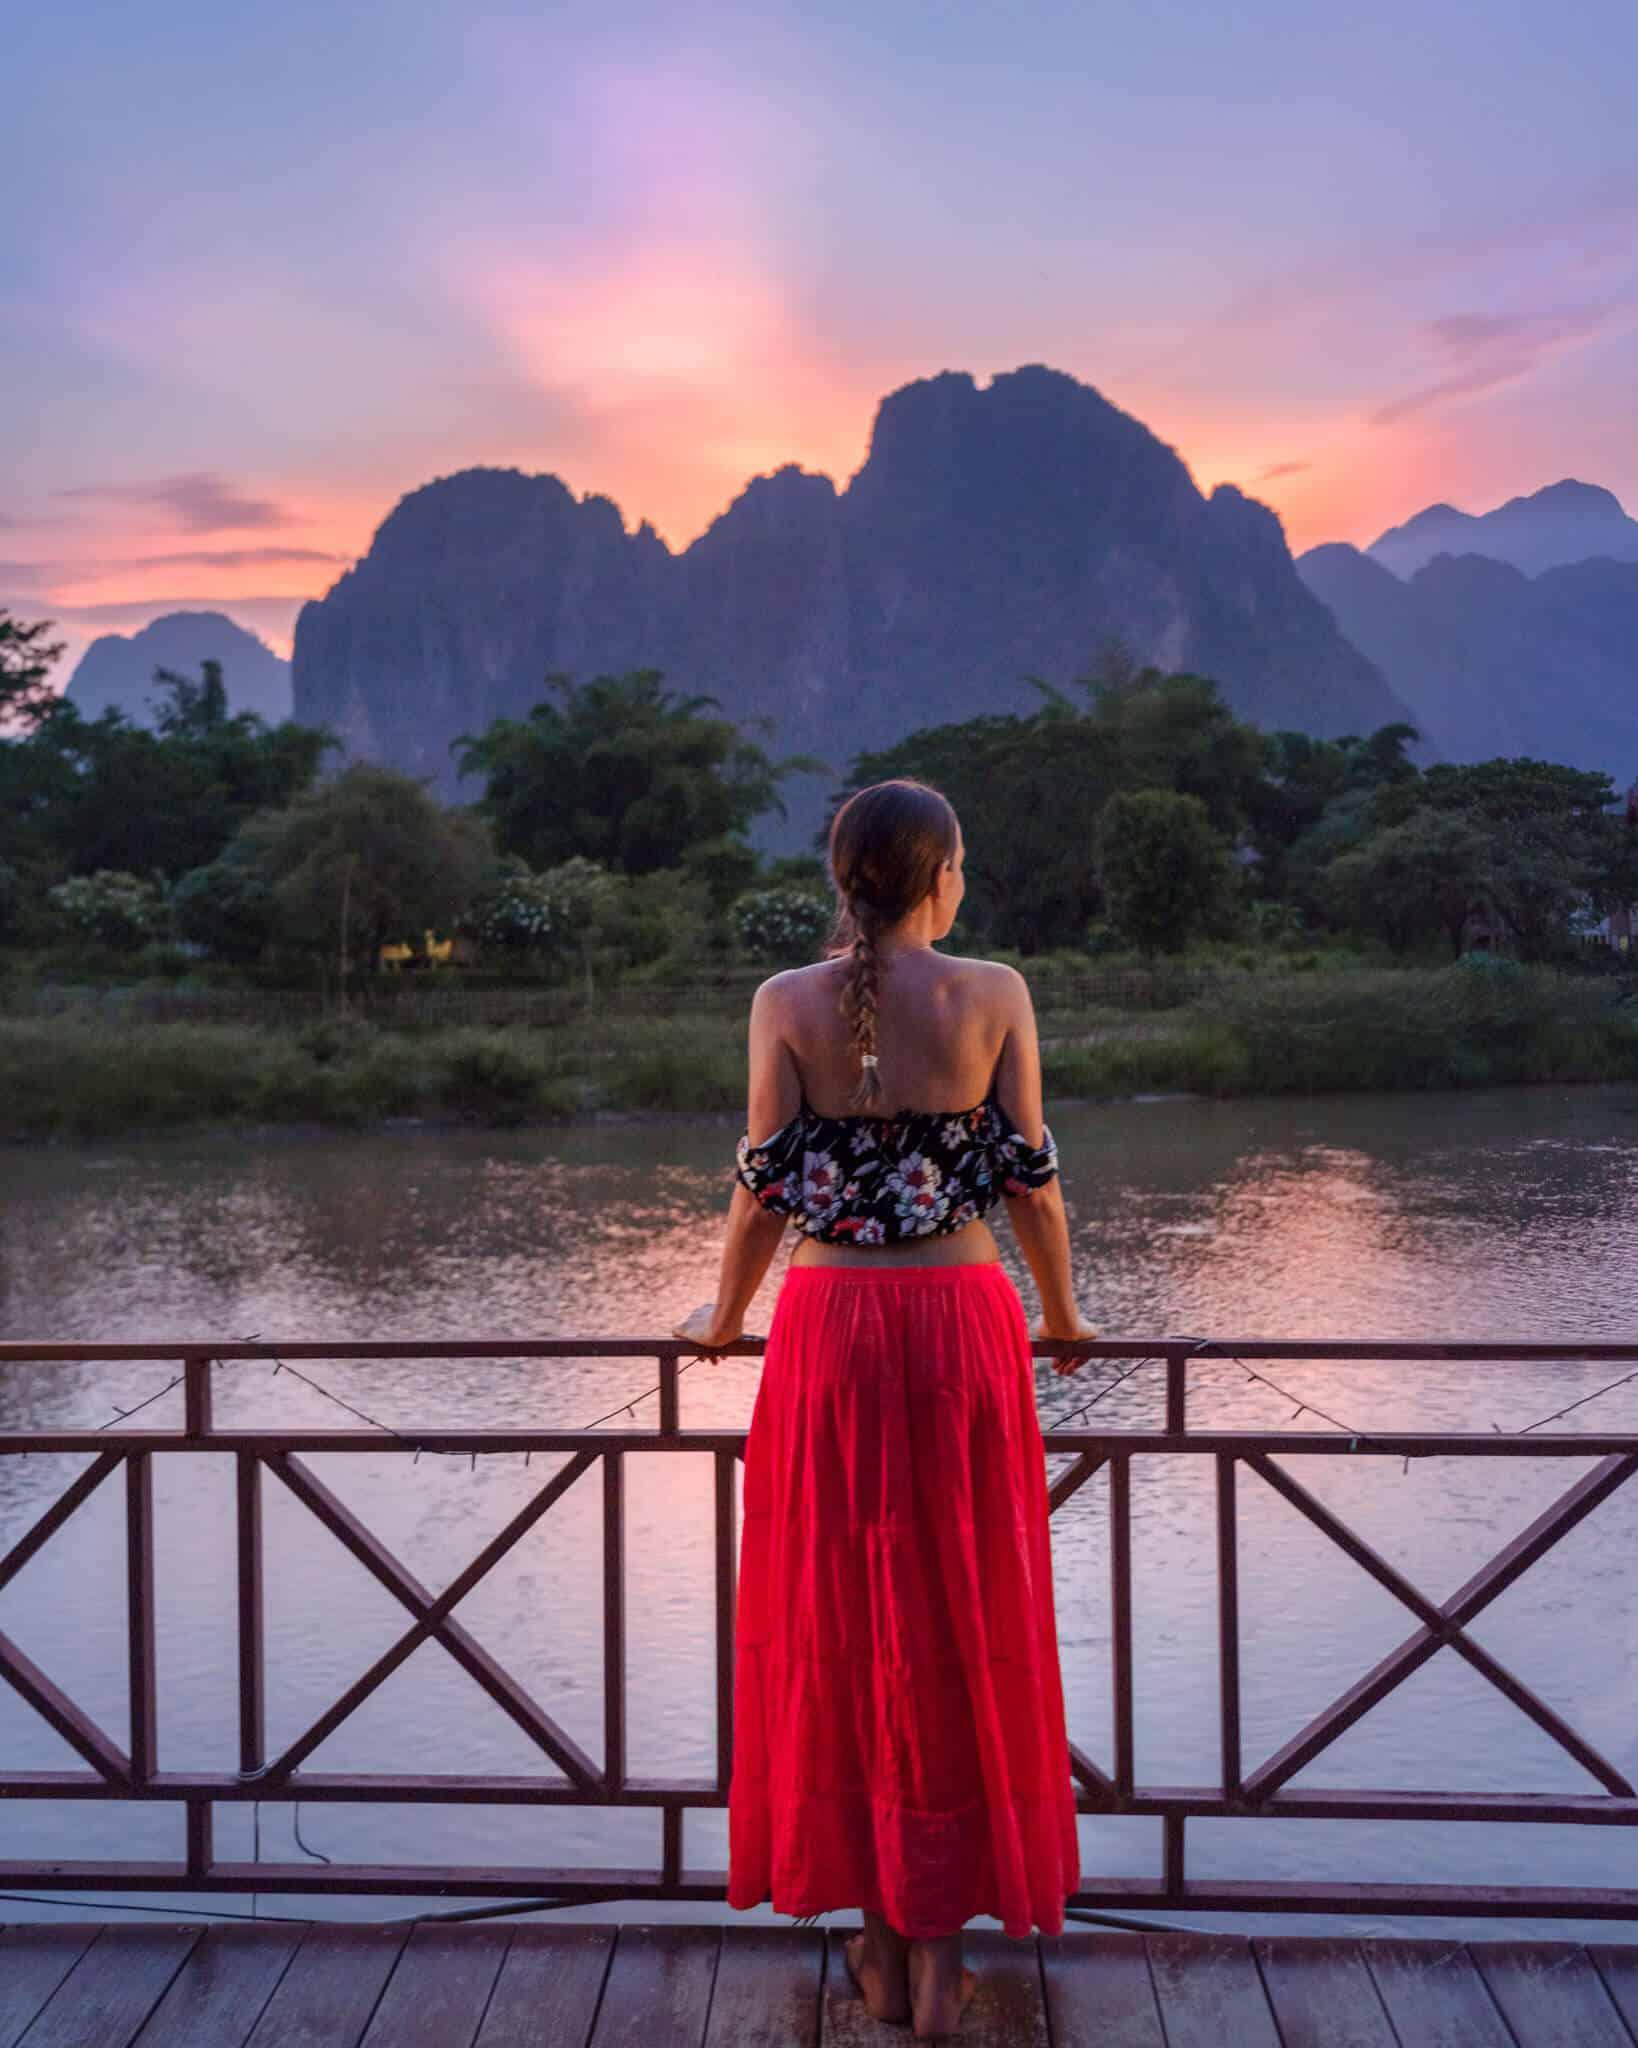 Sunset at Silver Naga Resort Vang Vieng Photos